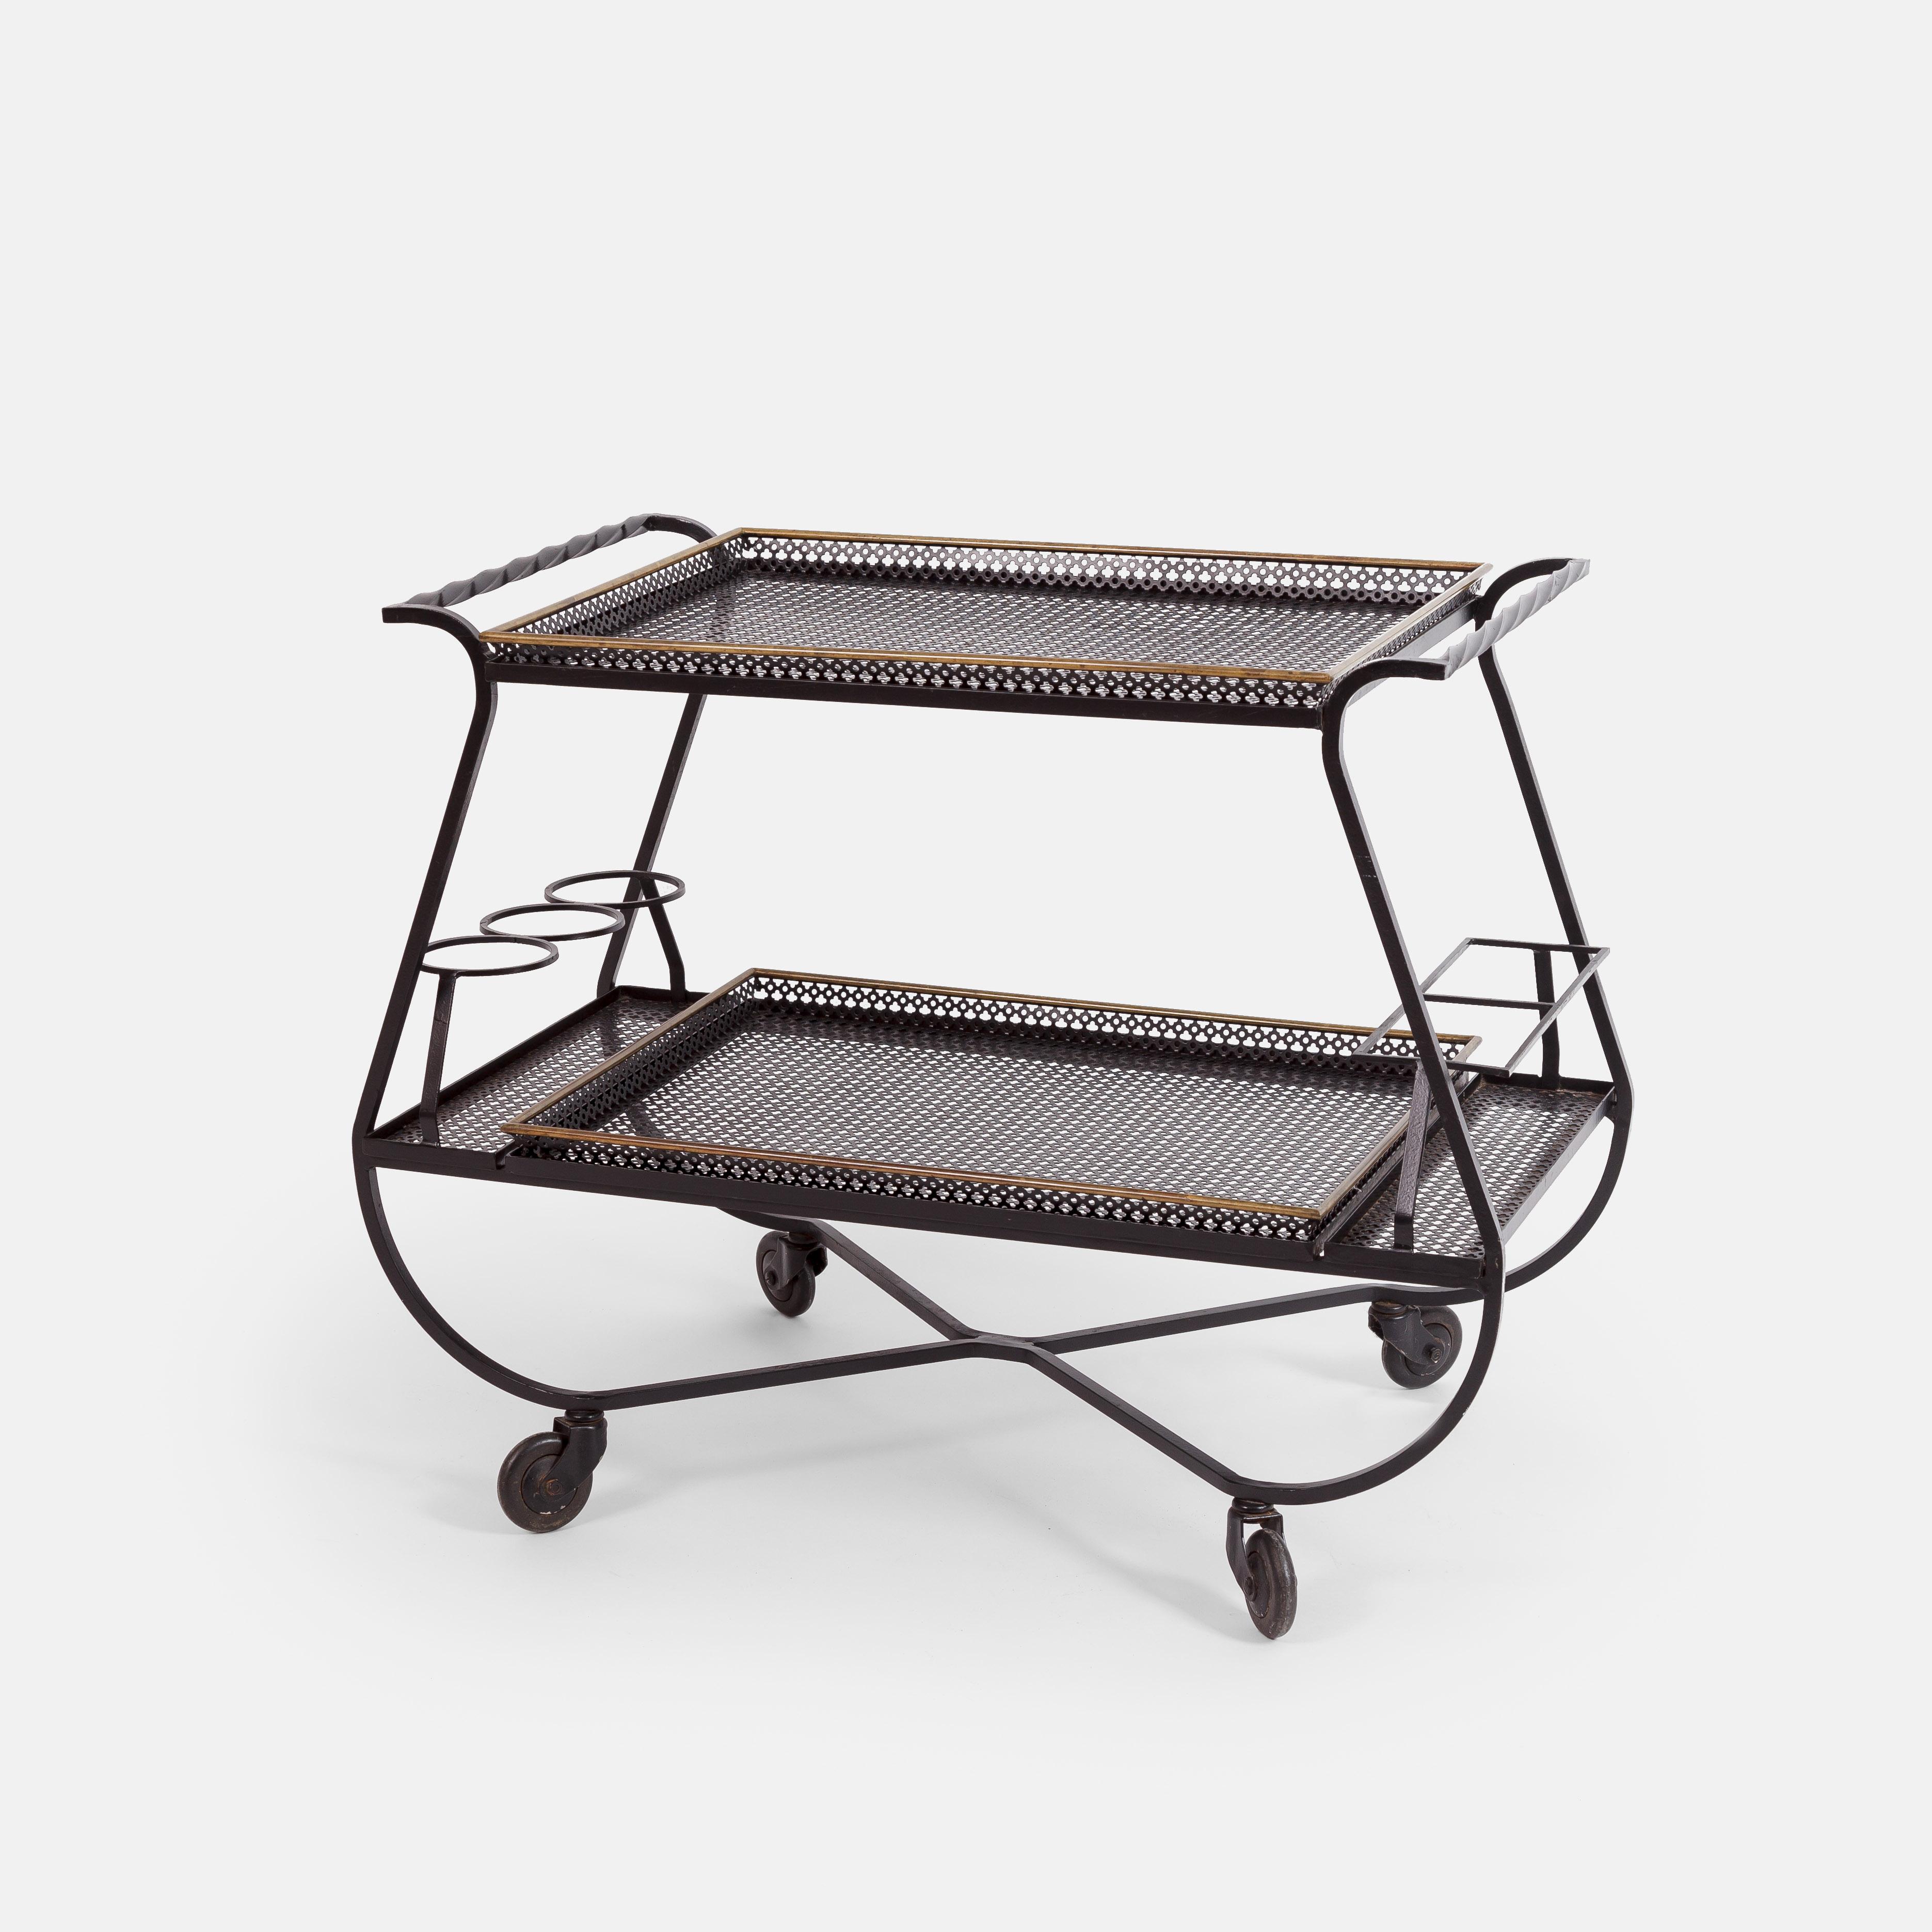 Bar Cart or Serving Tray by Mathieu Matégot | soyun k.